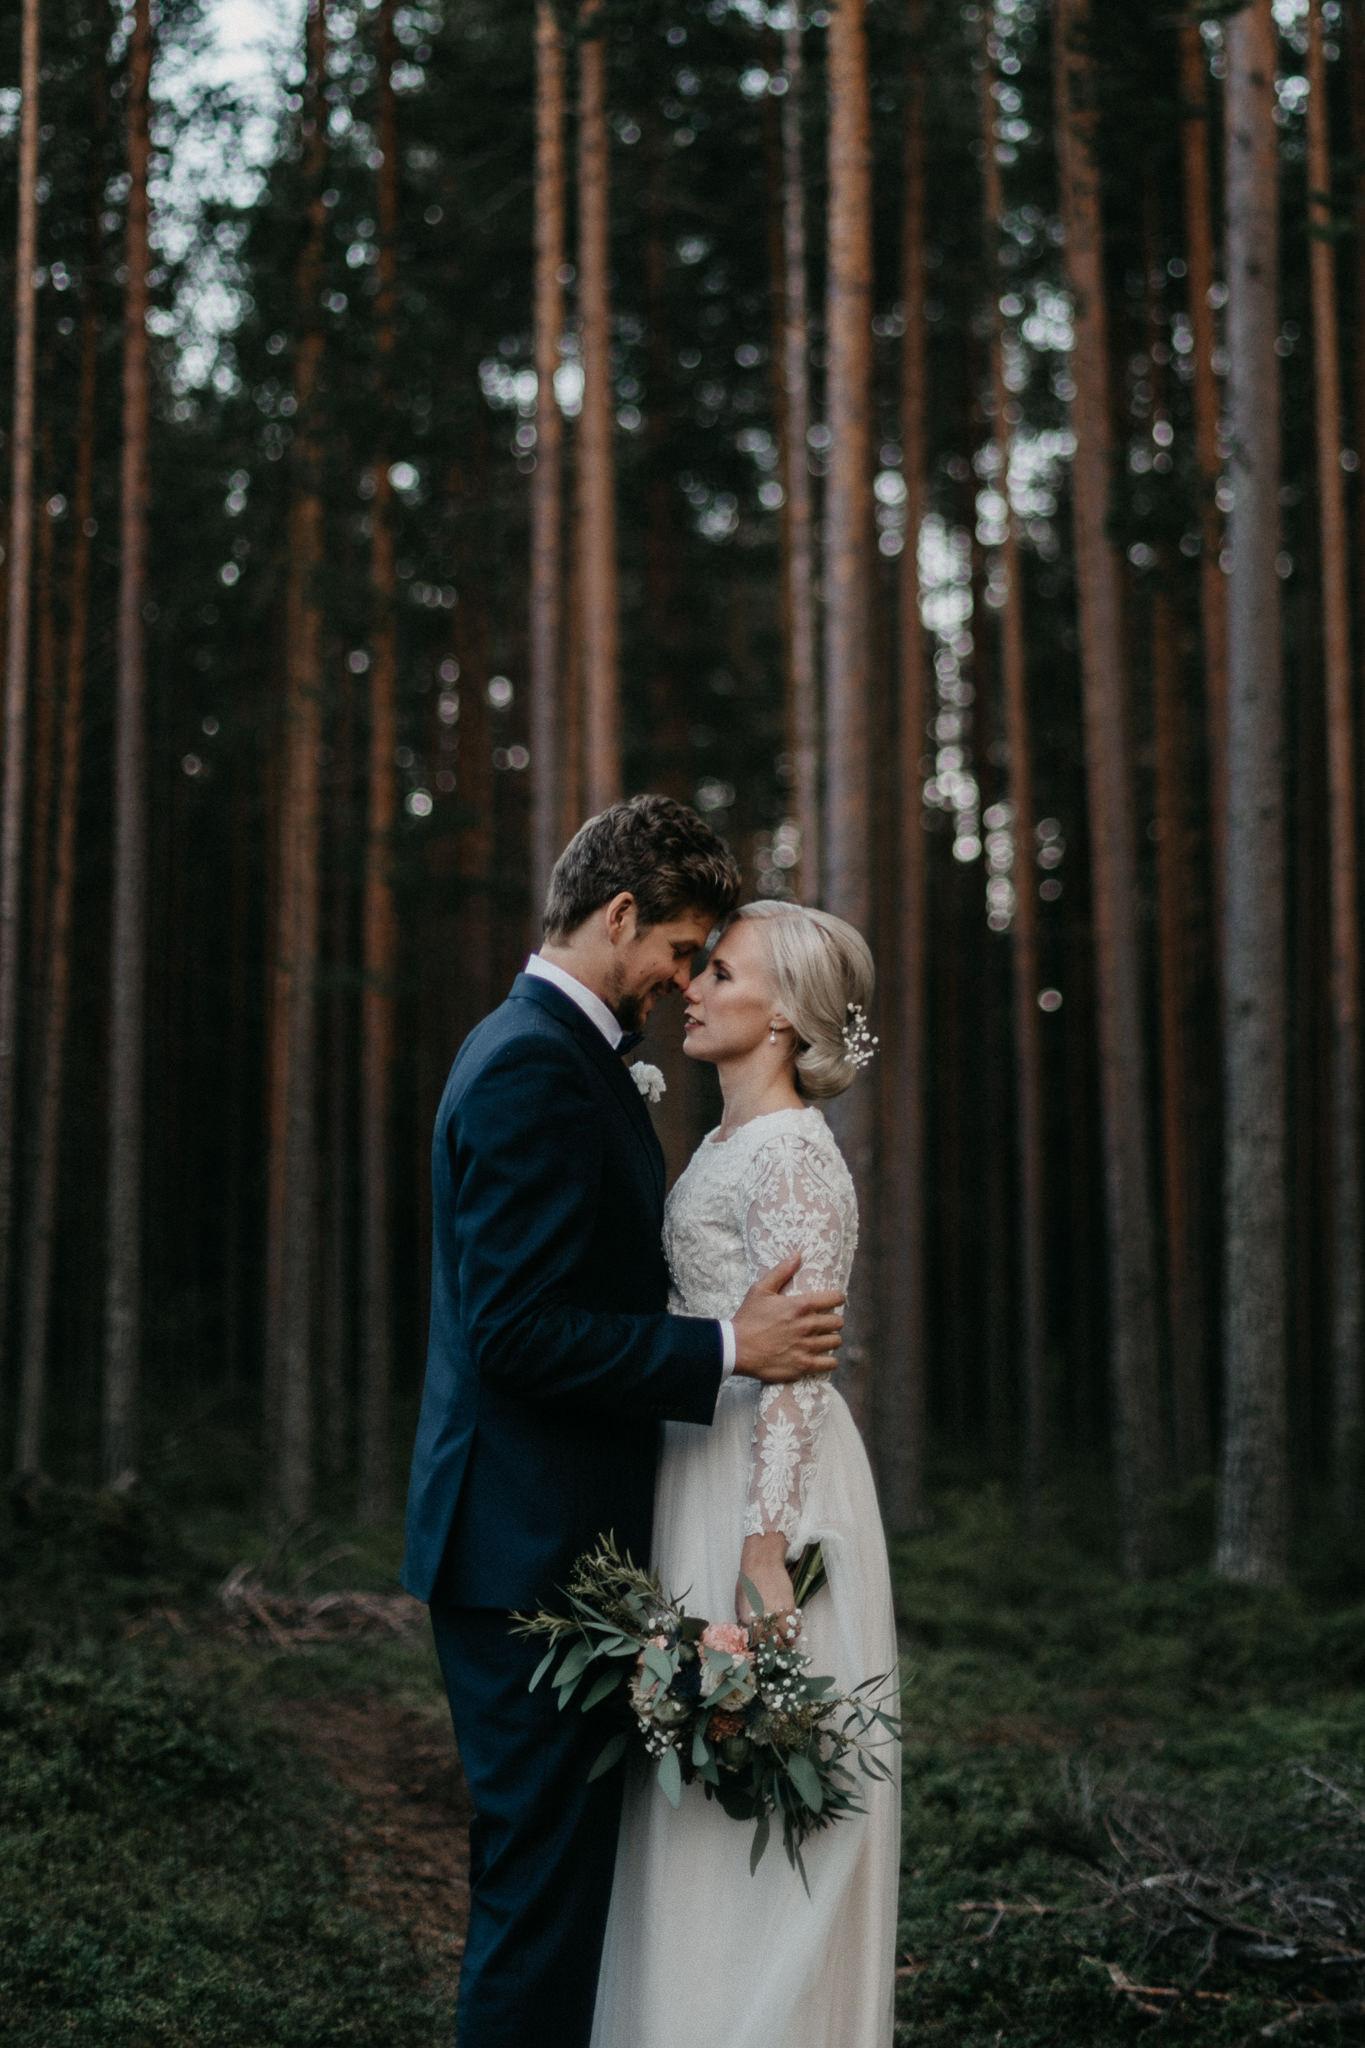 Documentary wedding + Engagement session